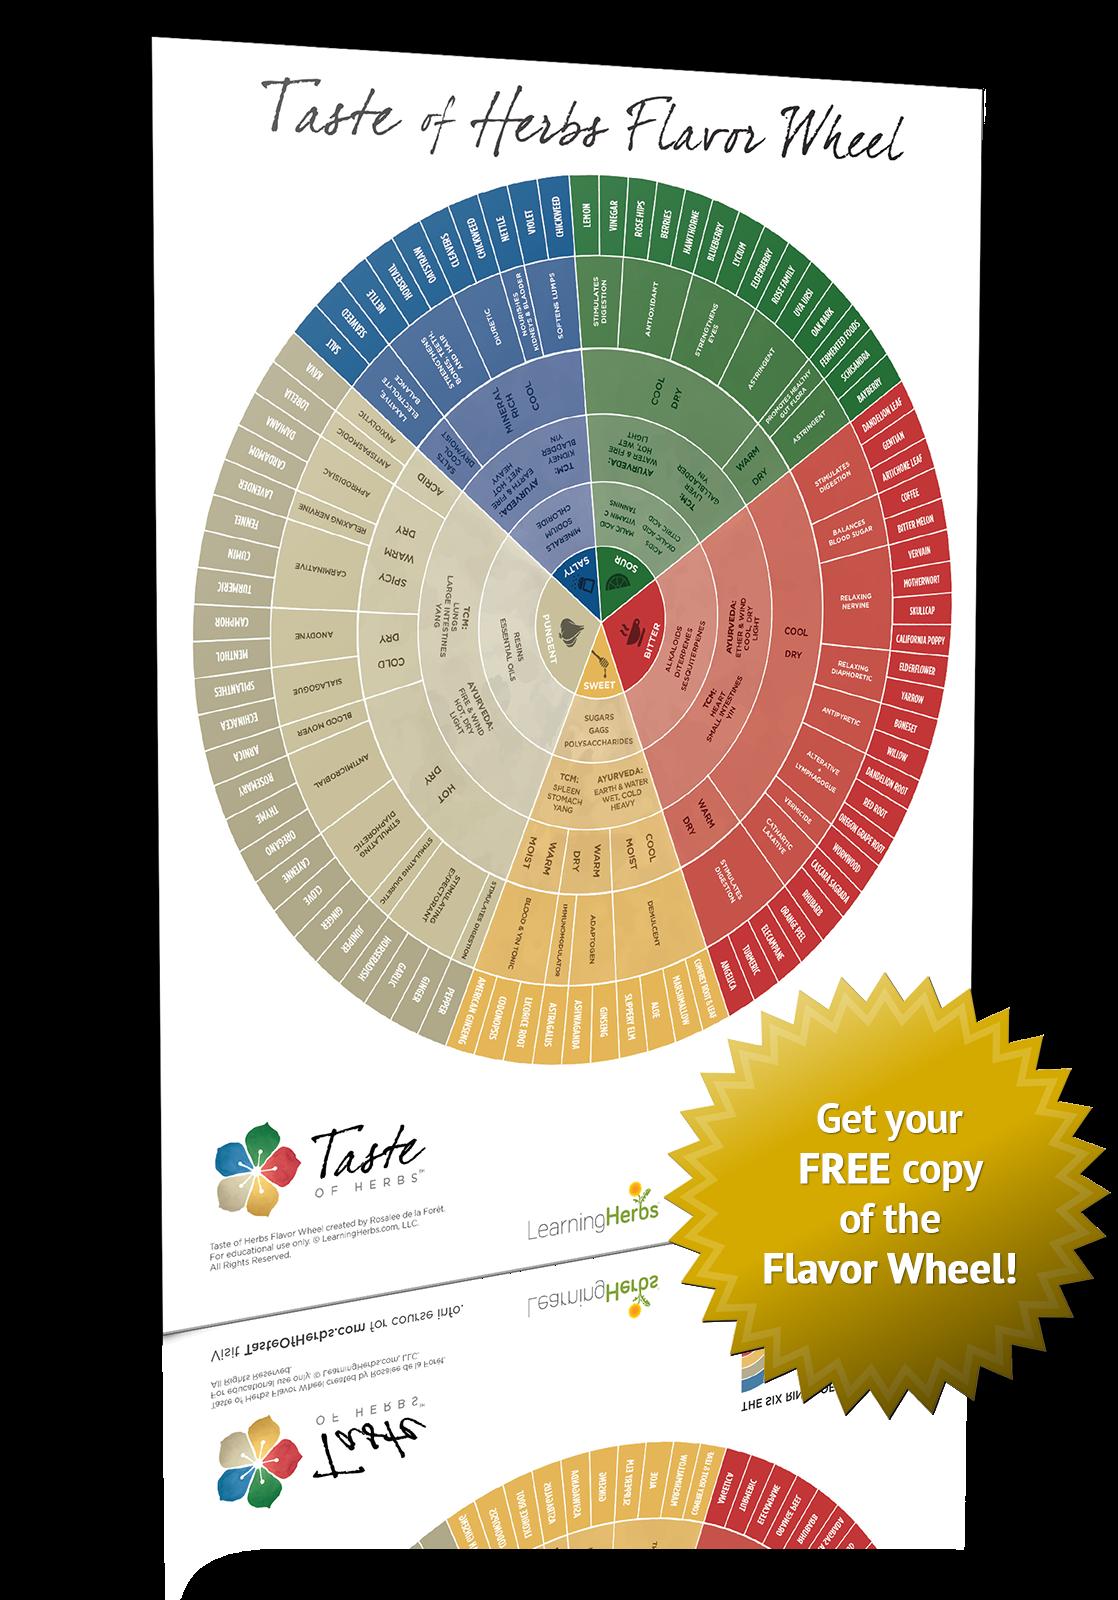 Taste of Herbs Flavor Wheel